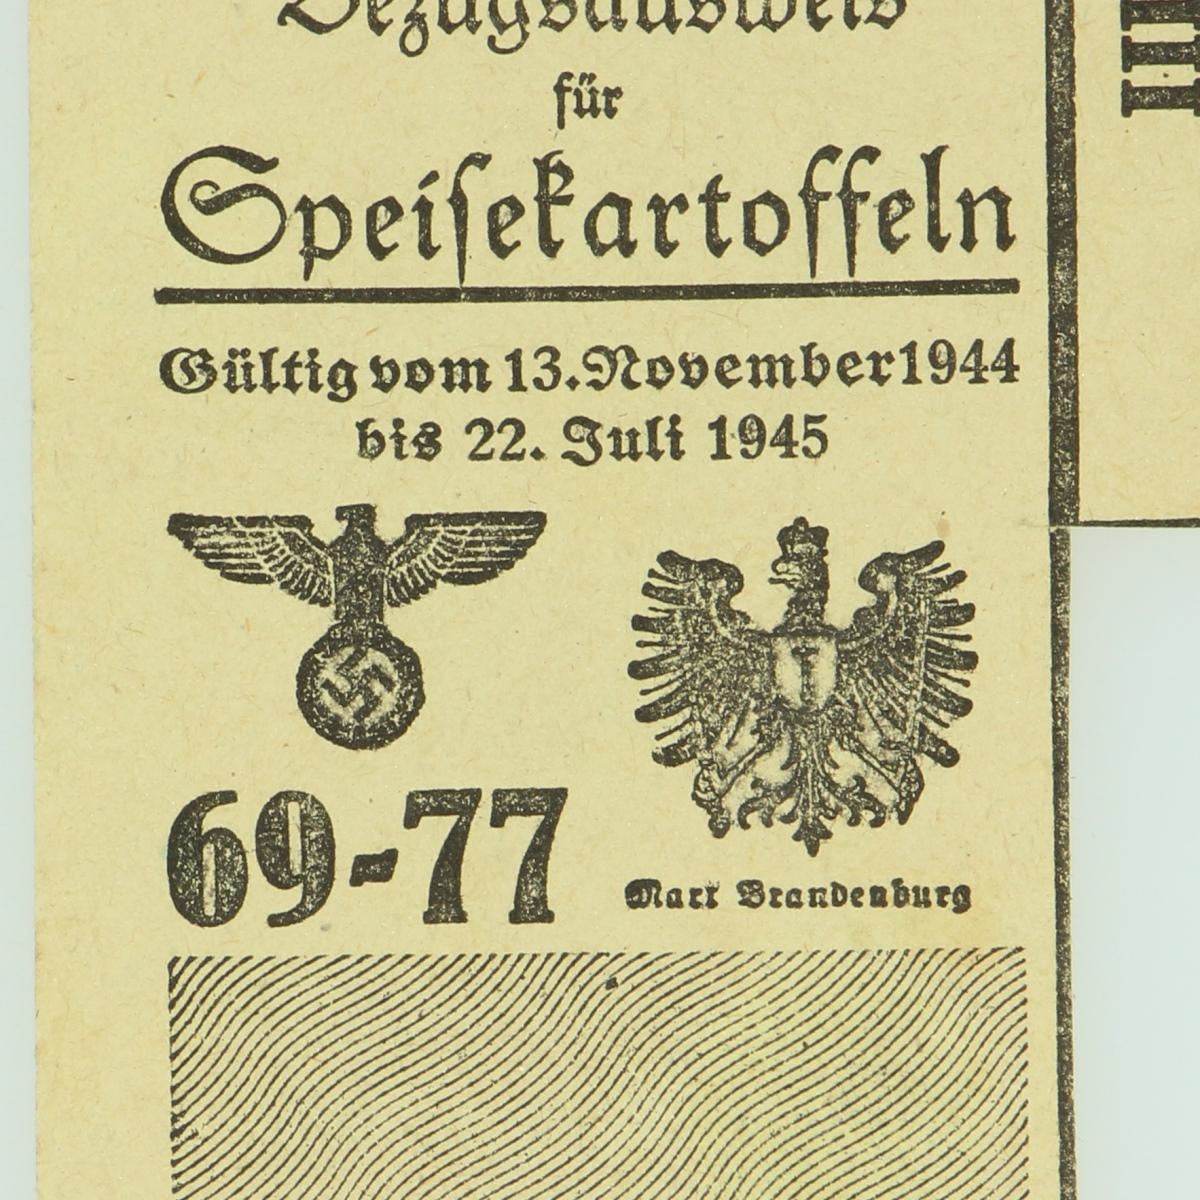 Afbeeldingen van Bezugsausweis fur speisekartoffeln 1944-1945